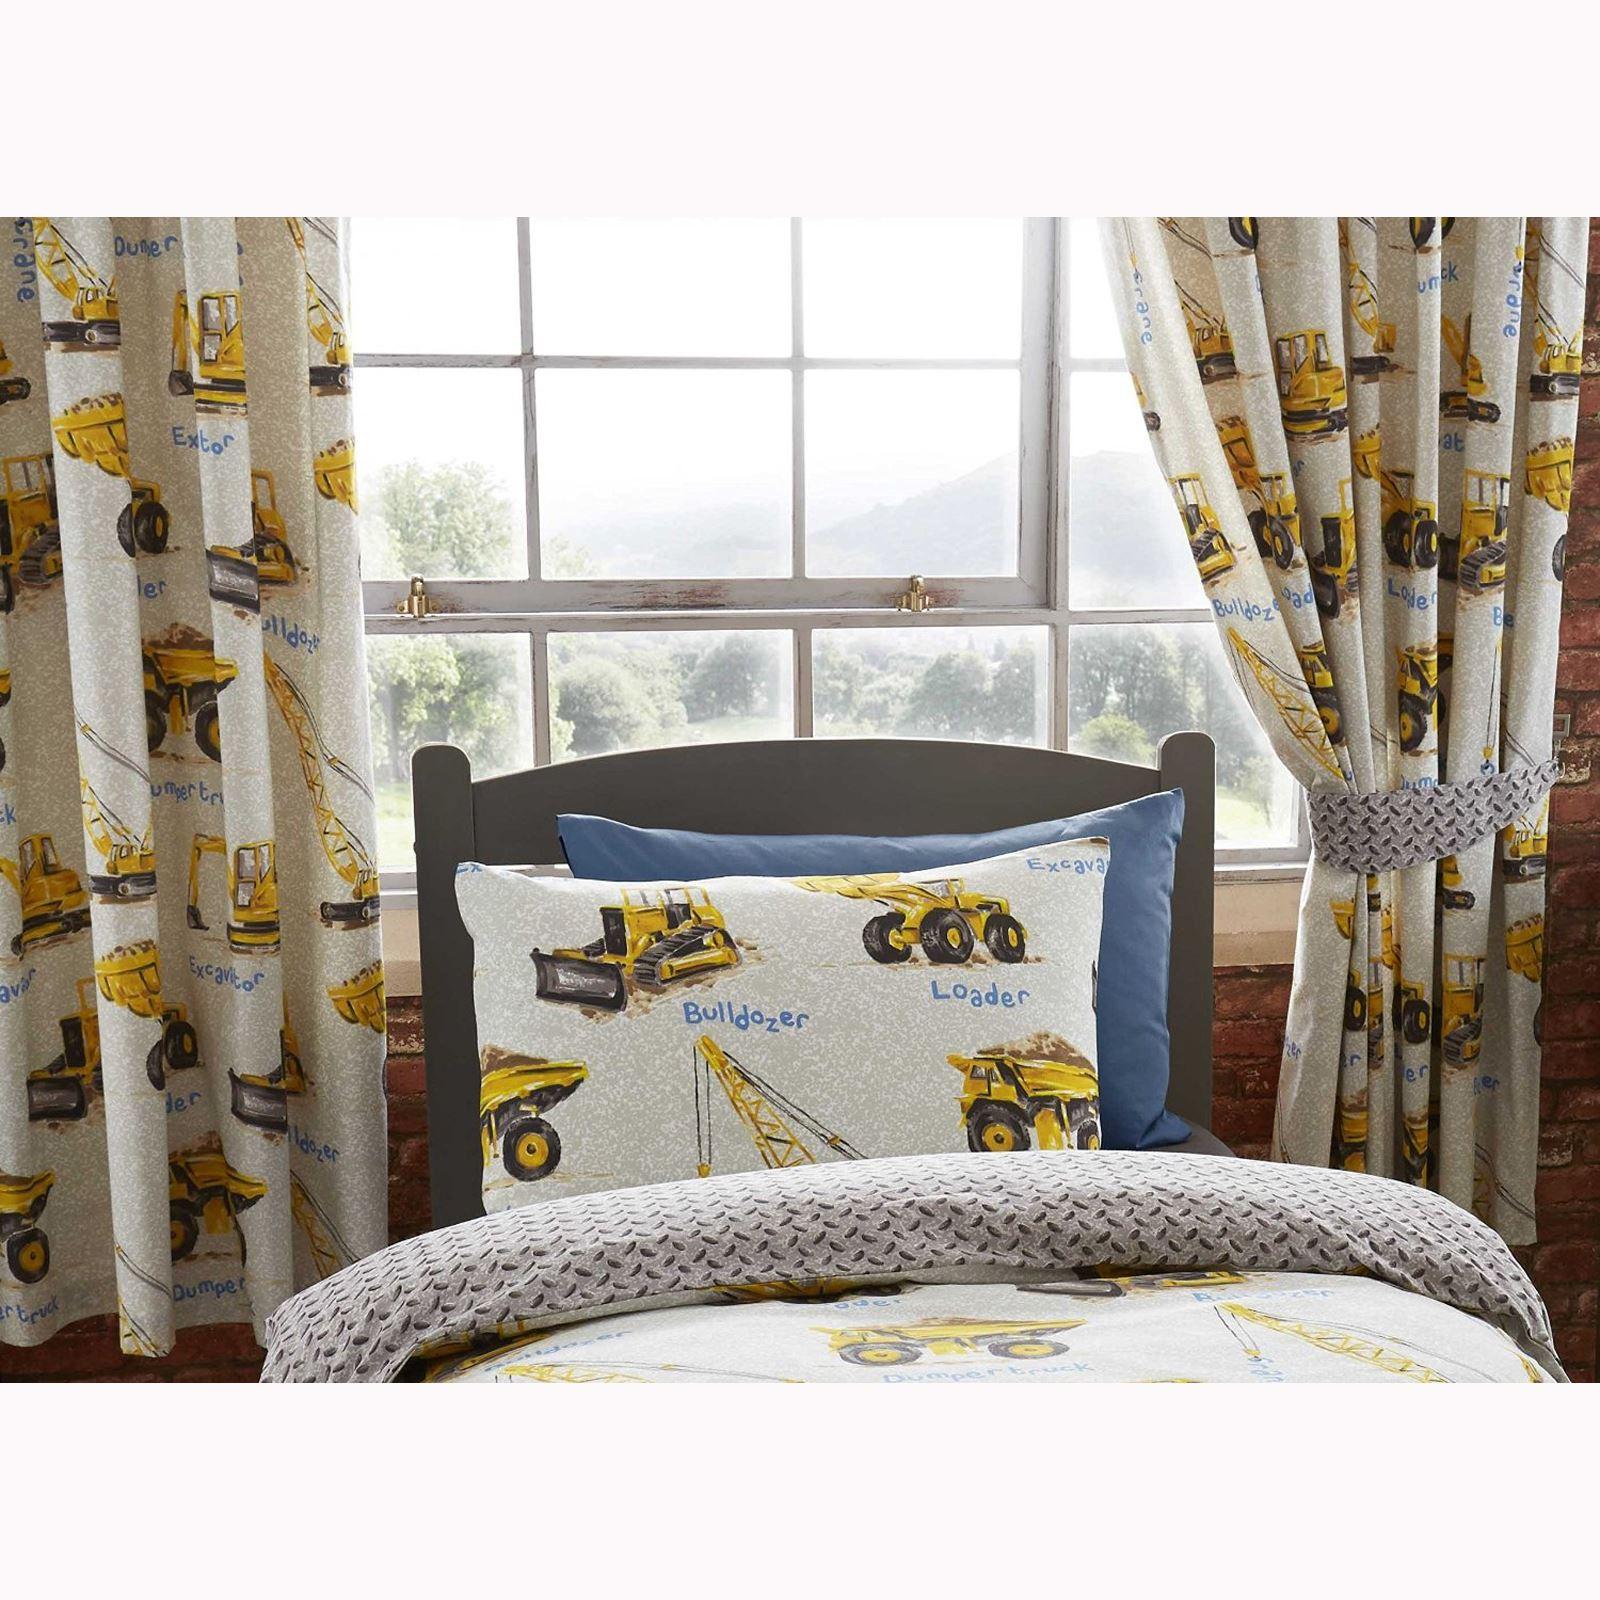 Jungen schlafzimmer vorh nge 168cm x 183cm gr ber dinosaurier z ge armee ebay - Jungen schlafzimmer ...